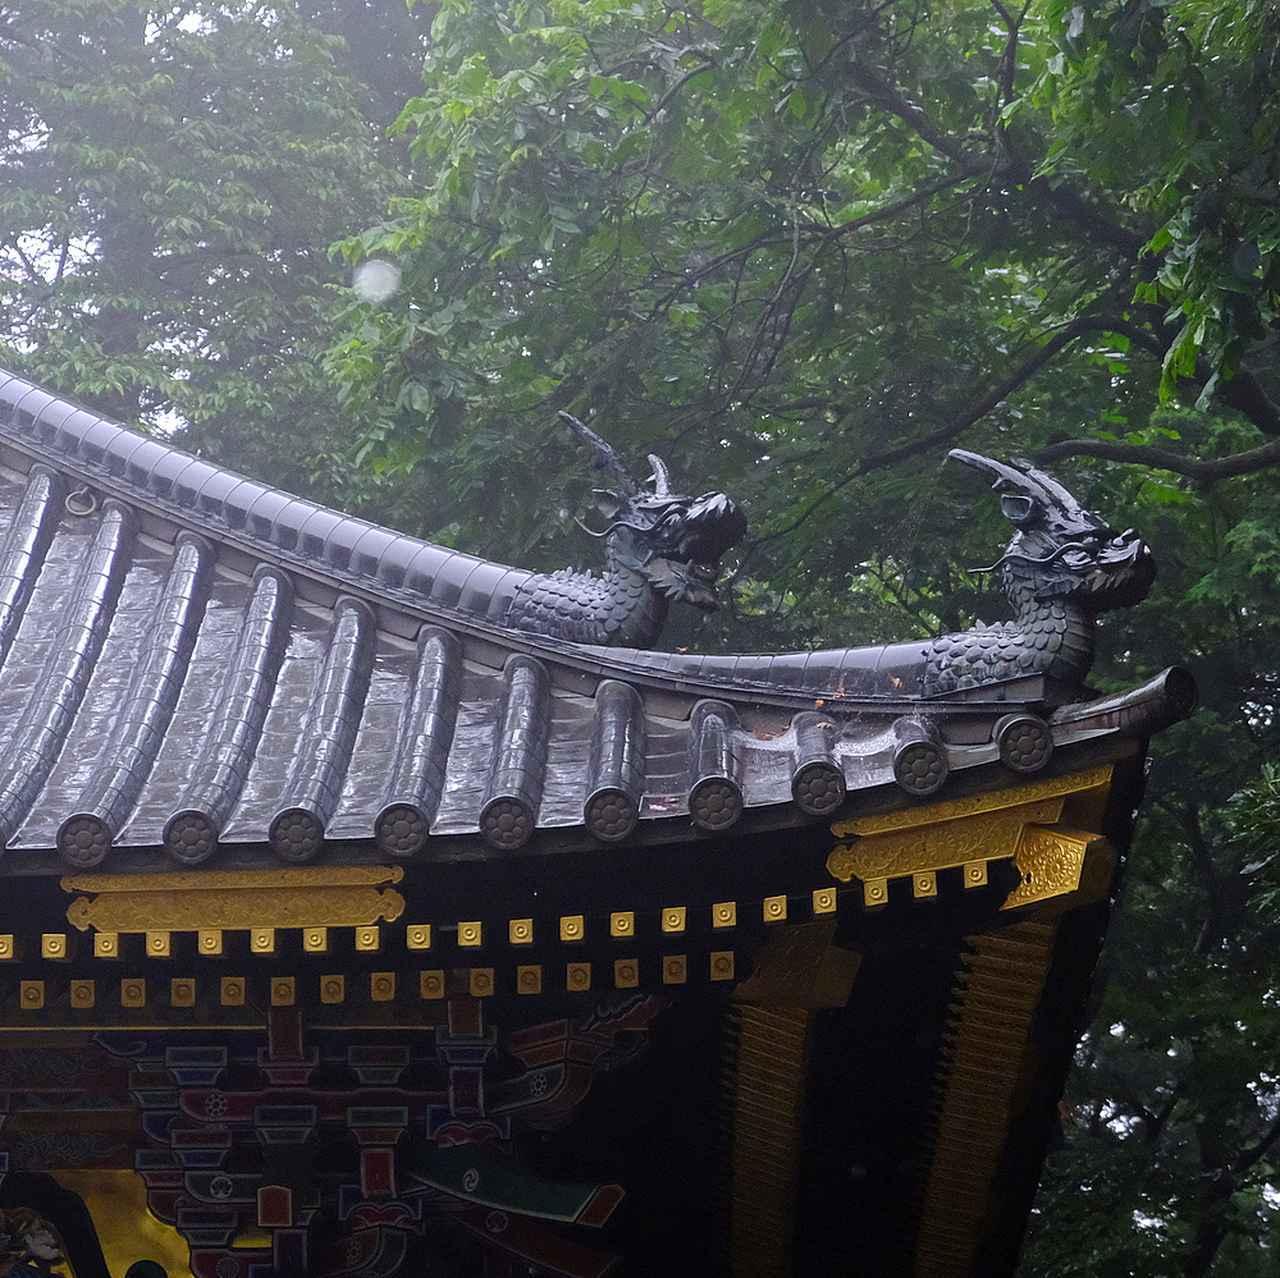 画像: 屋根の上にある竜頭瓦は平成13(2001)年に復元されたもの。この写真の2体が阿・吽になっていることがお分かりでしょうか。